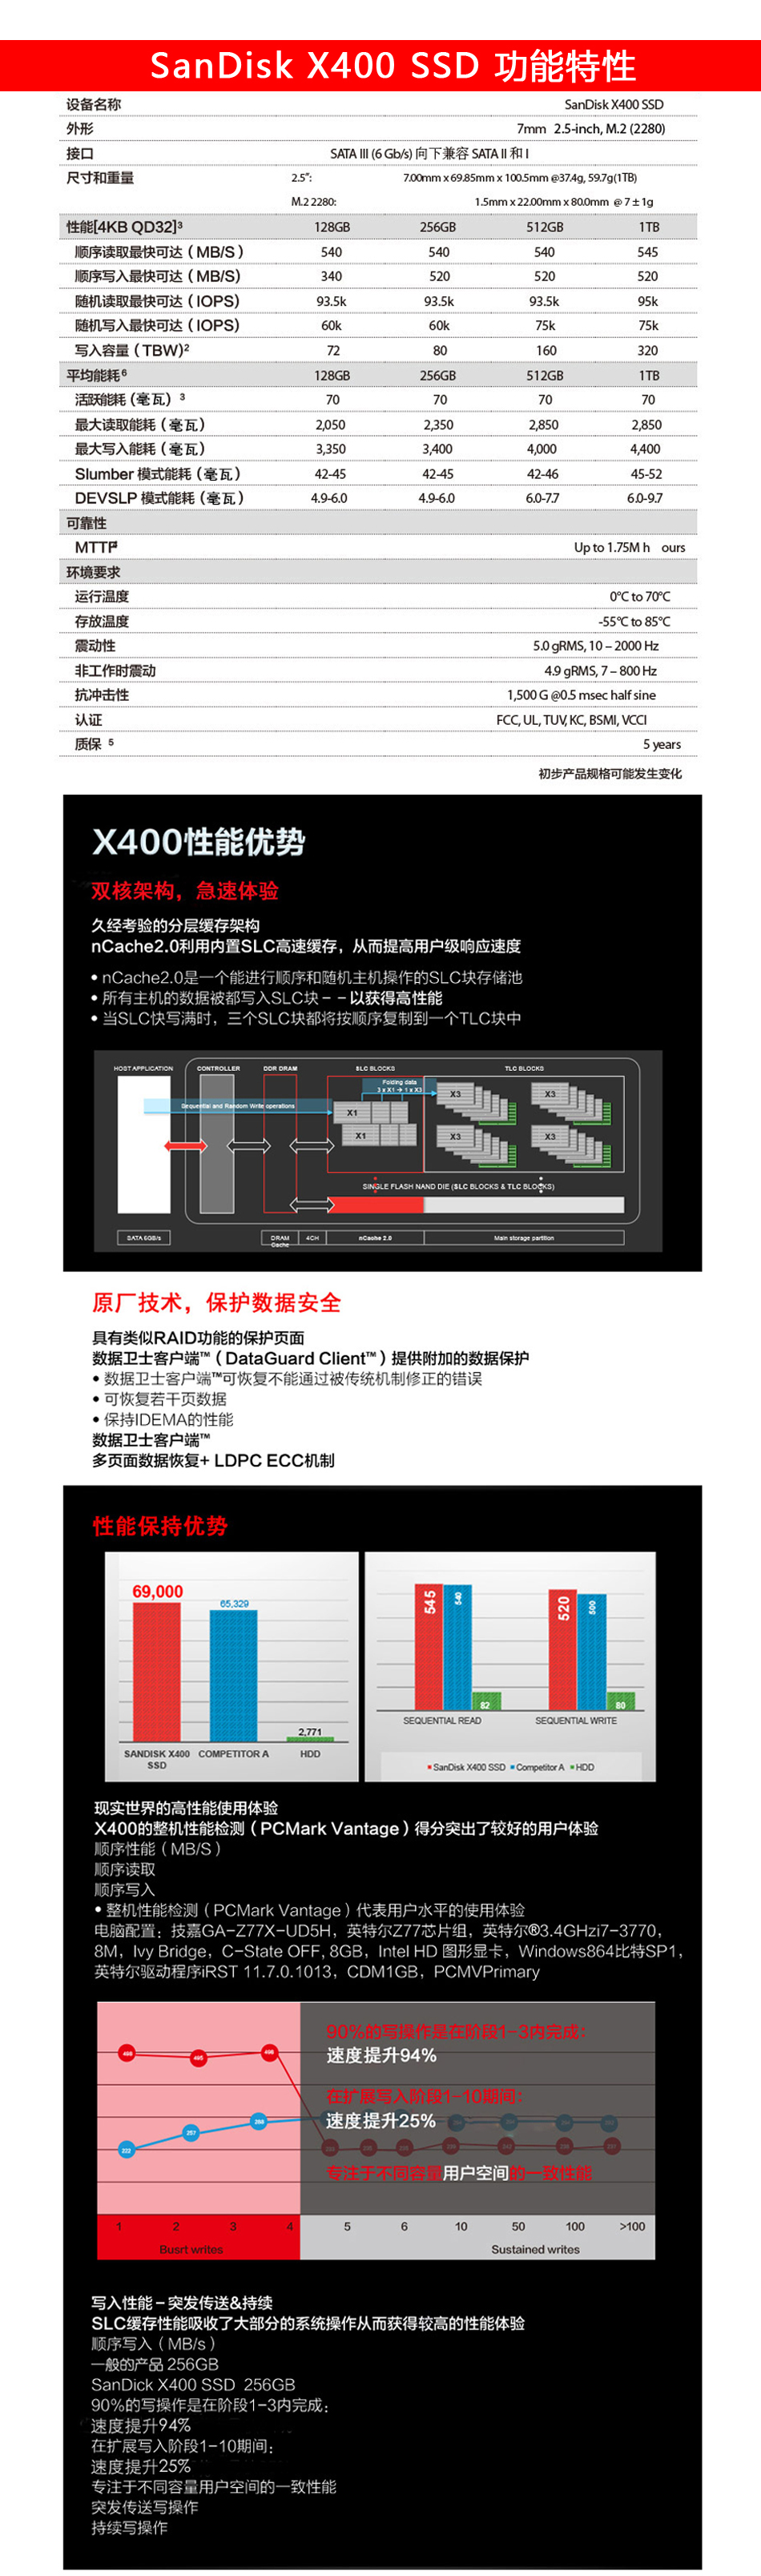 闪迪 SD8SB8U-256G-1122 X400 256G 0.3DWD 2.5 SATA SSD  读密集型